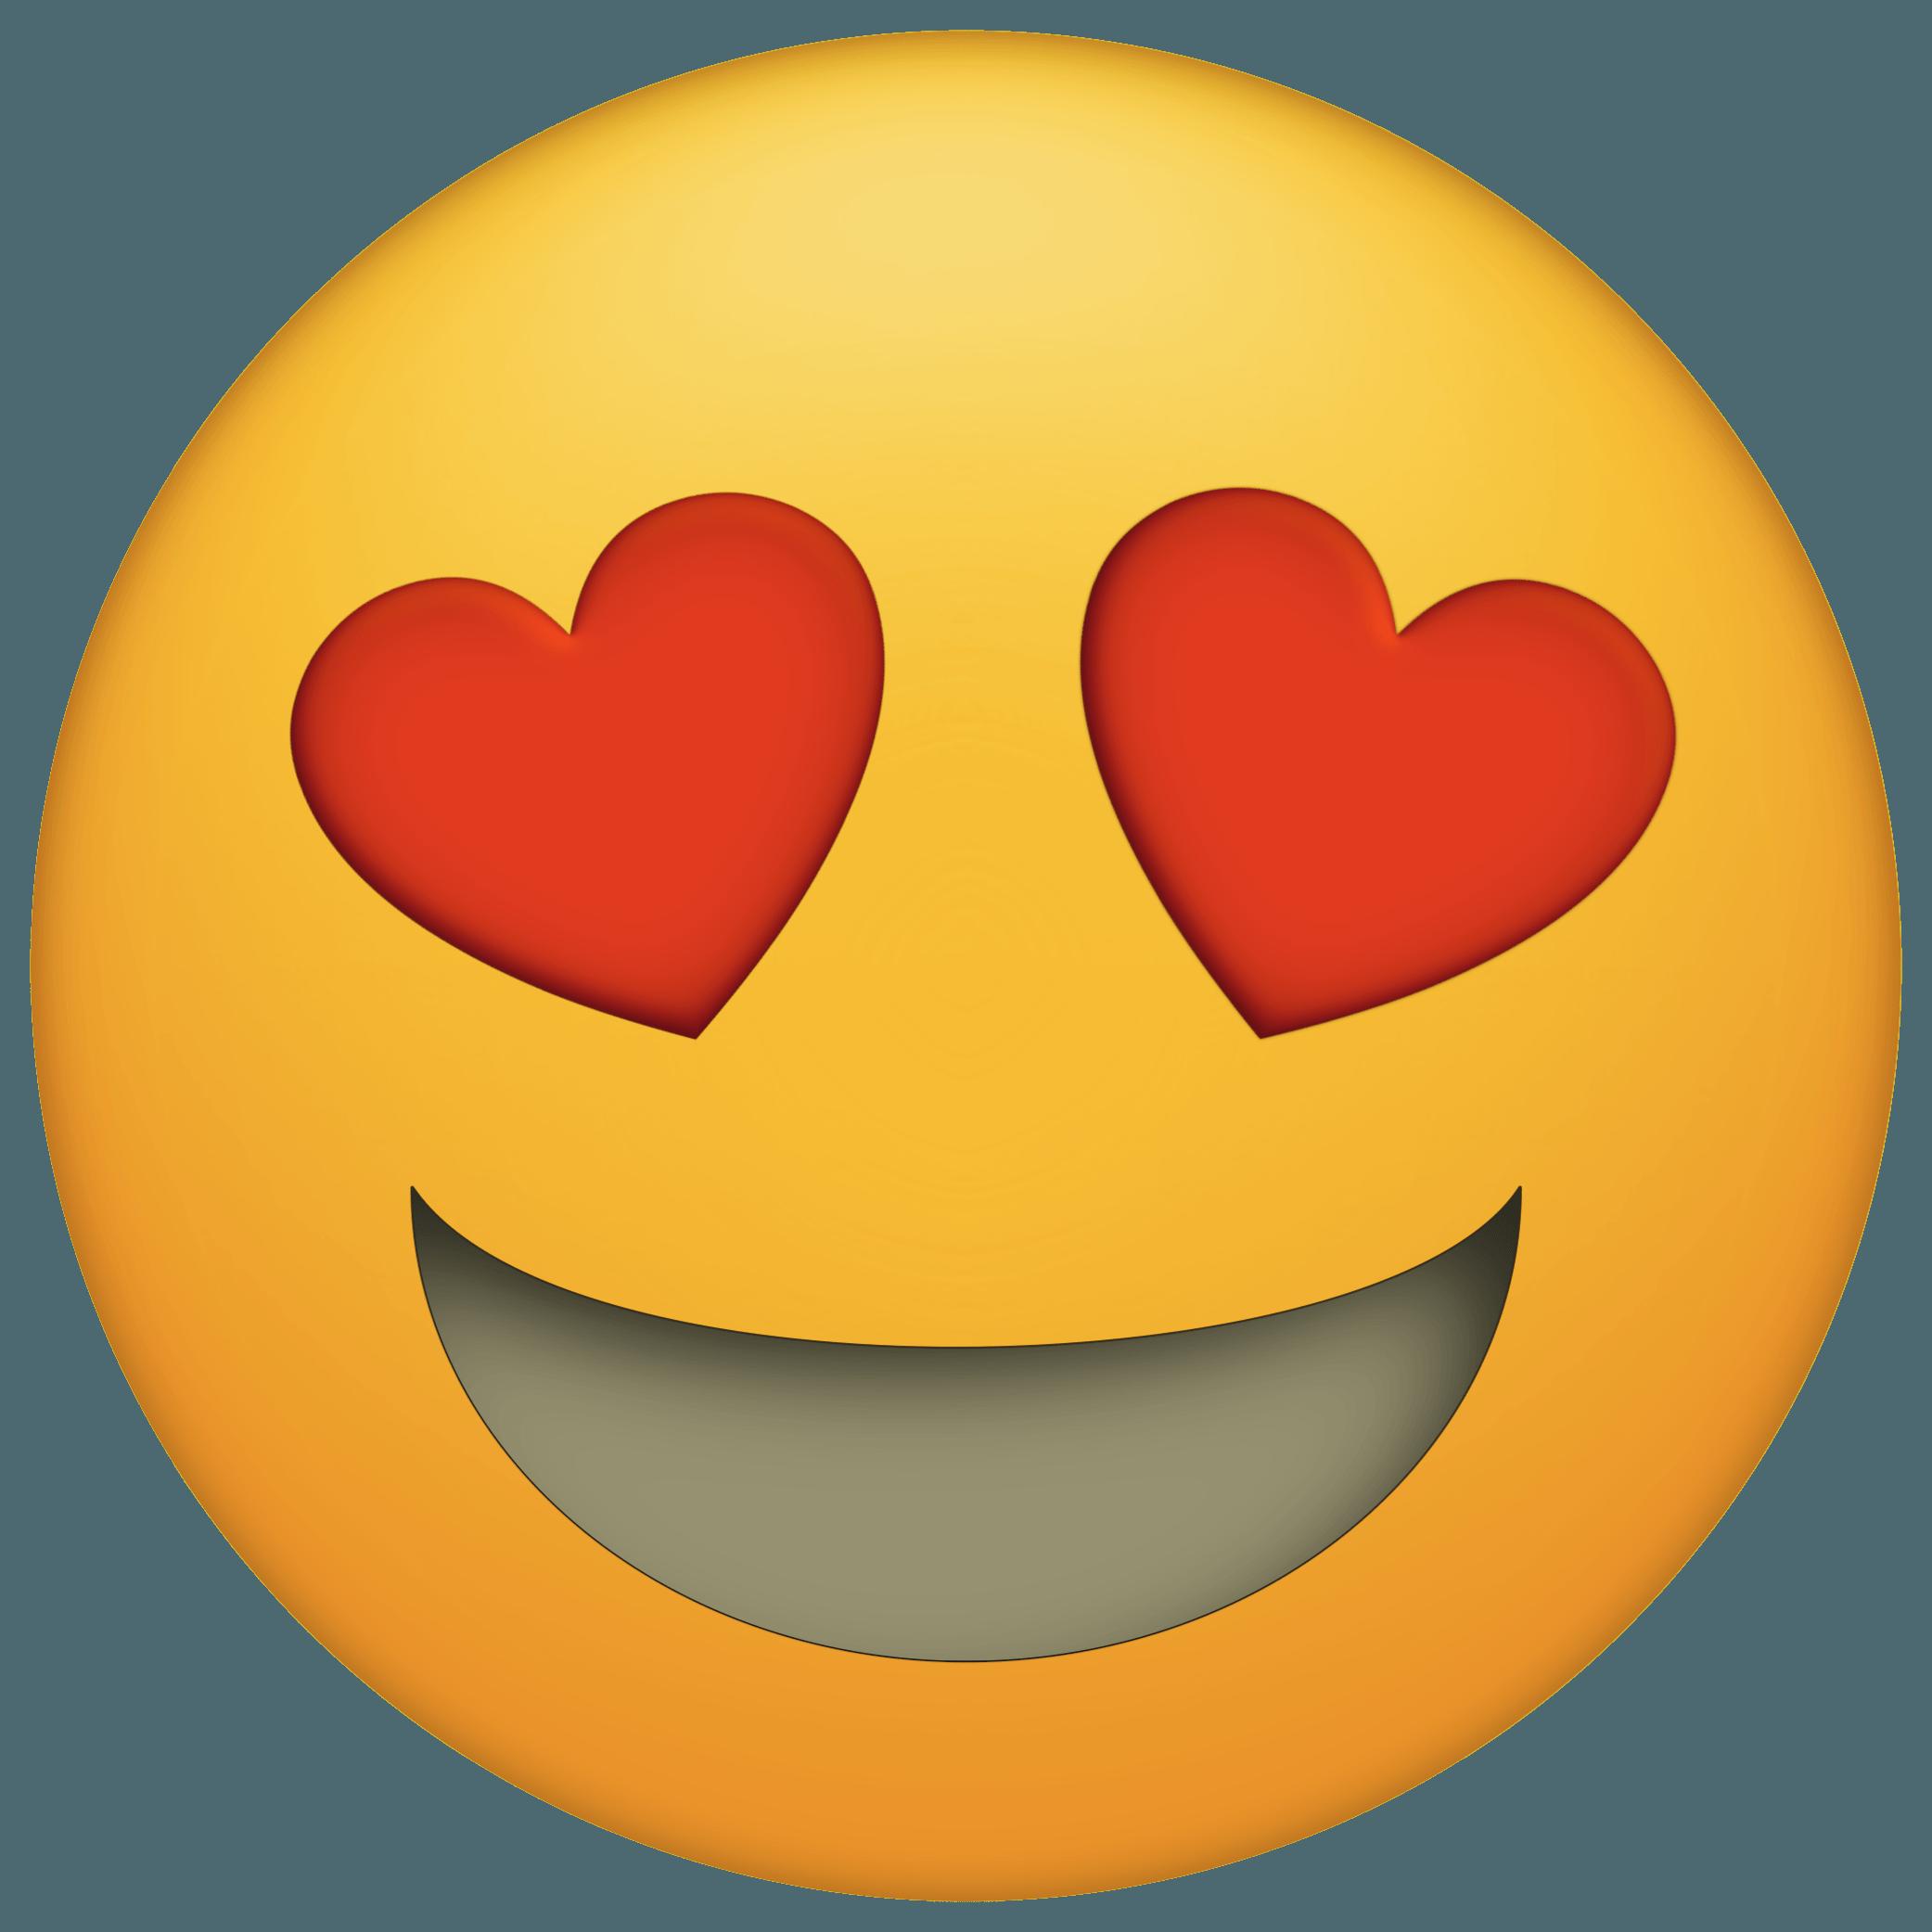 Download Emoticon Heart Emojis Eye Emoji PNG Download Free ...